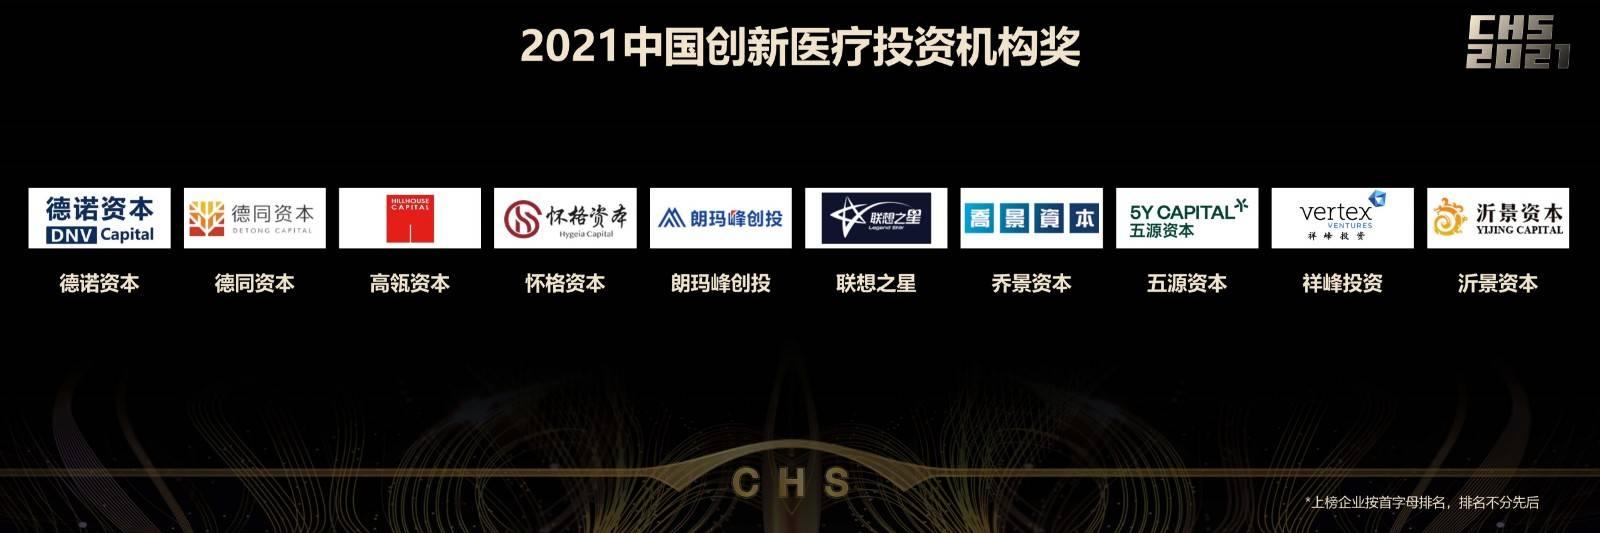 2021中国创新医疗投资机构奖